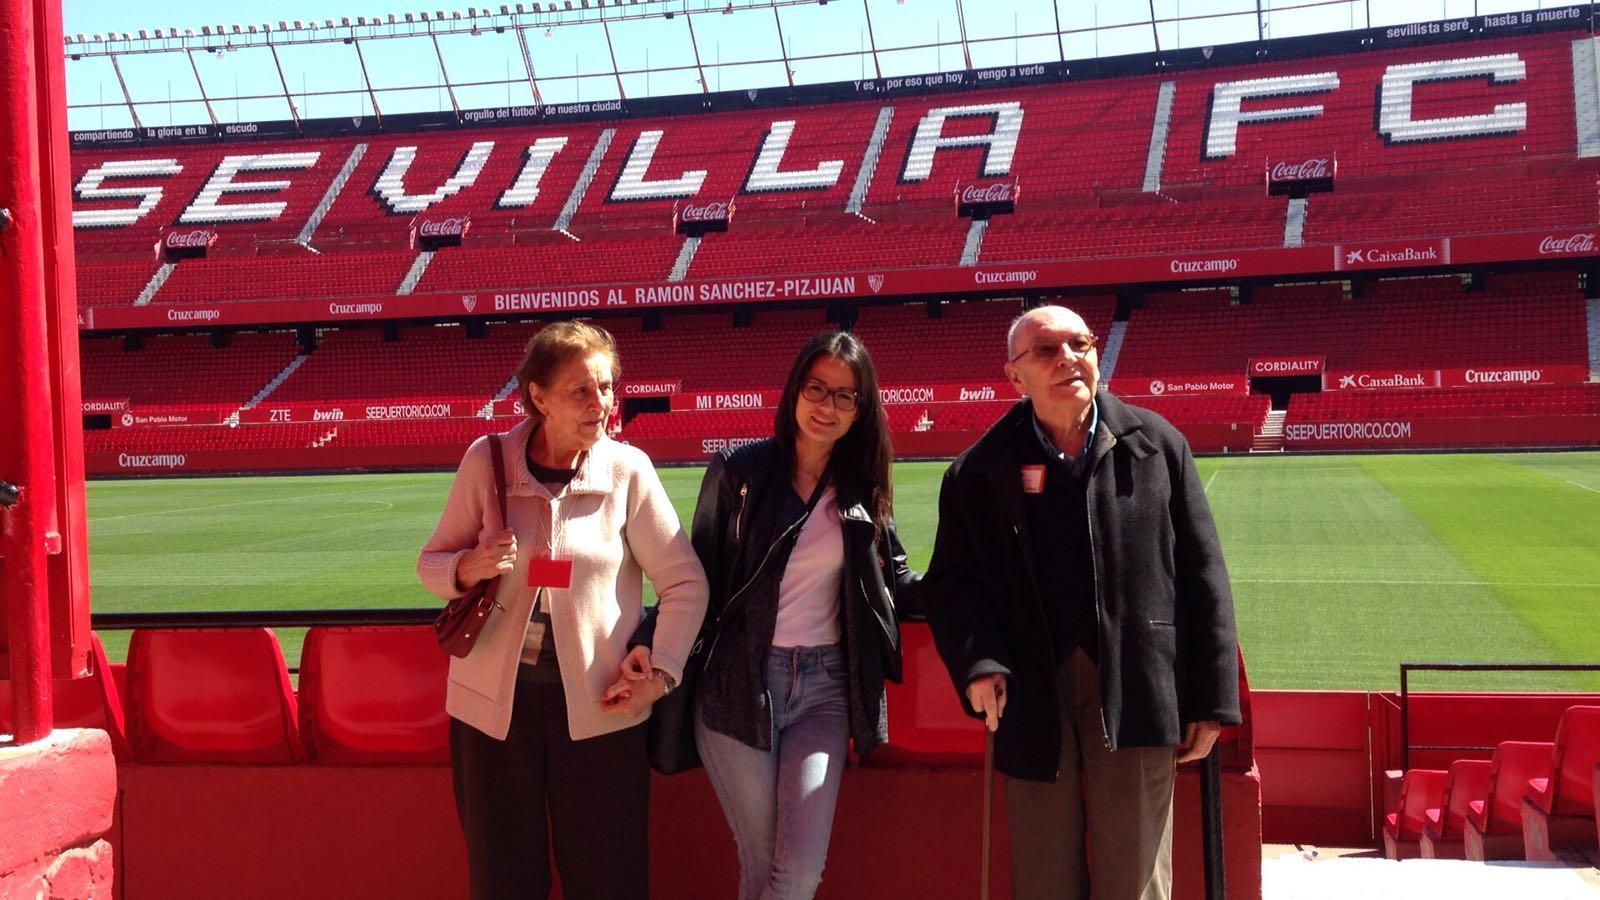 170329 Visita estadio Sevilla FC16